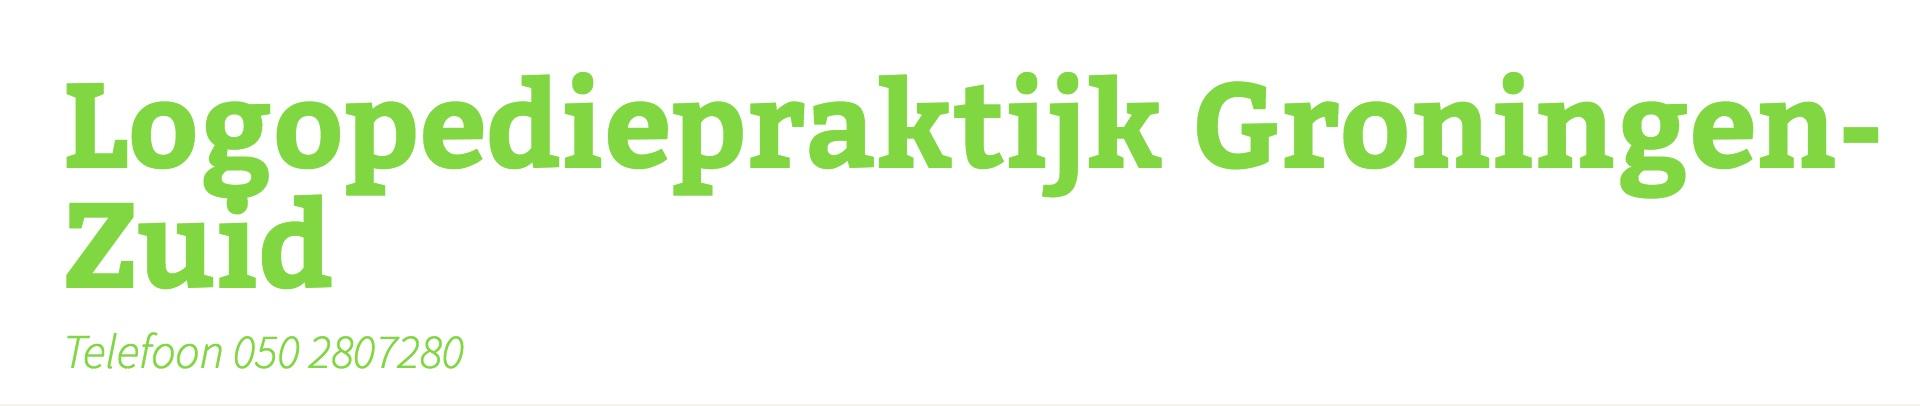 logopediepraktijk_groningen-zuid___telefoon_050_2807280